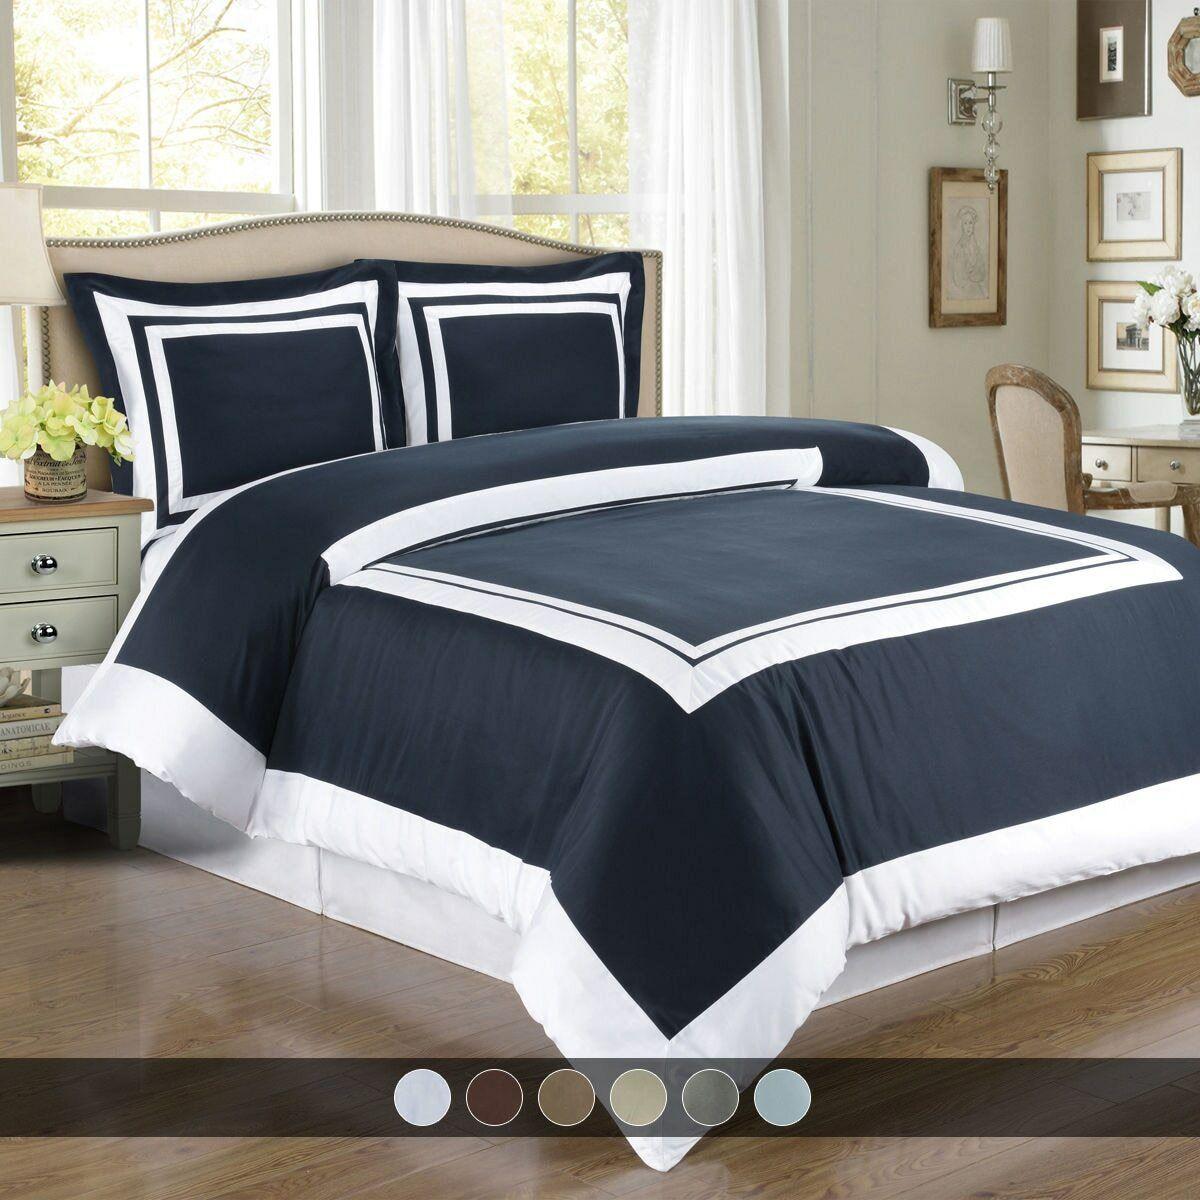 Hotel 100% Cotton Duvet Cover Set Full - Queen - King - Calking Duvet and Shams